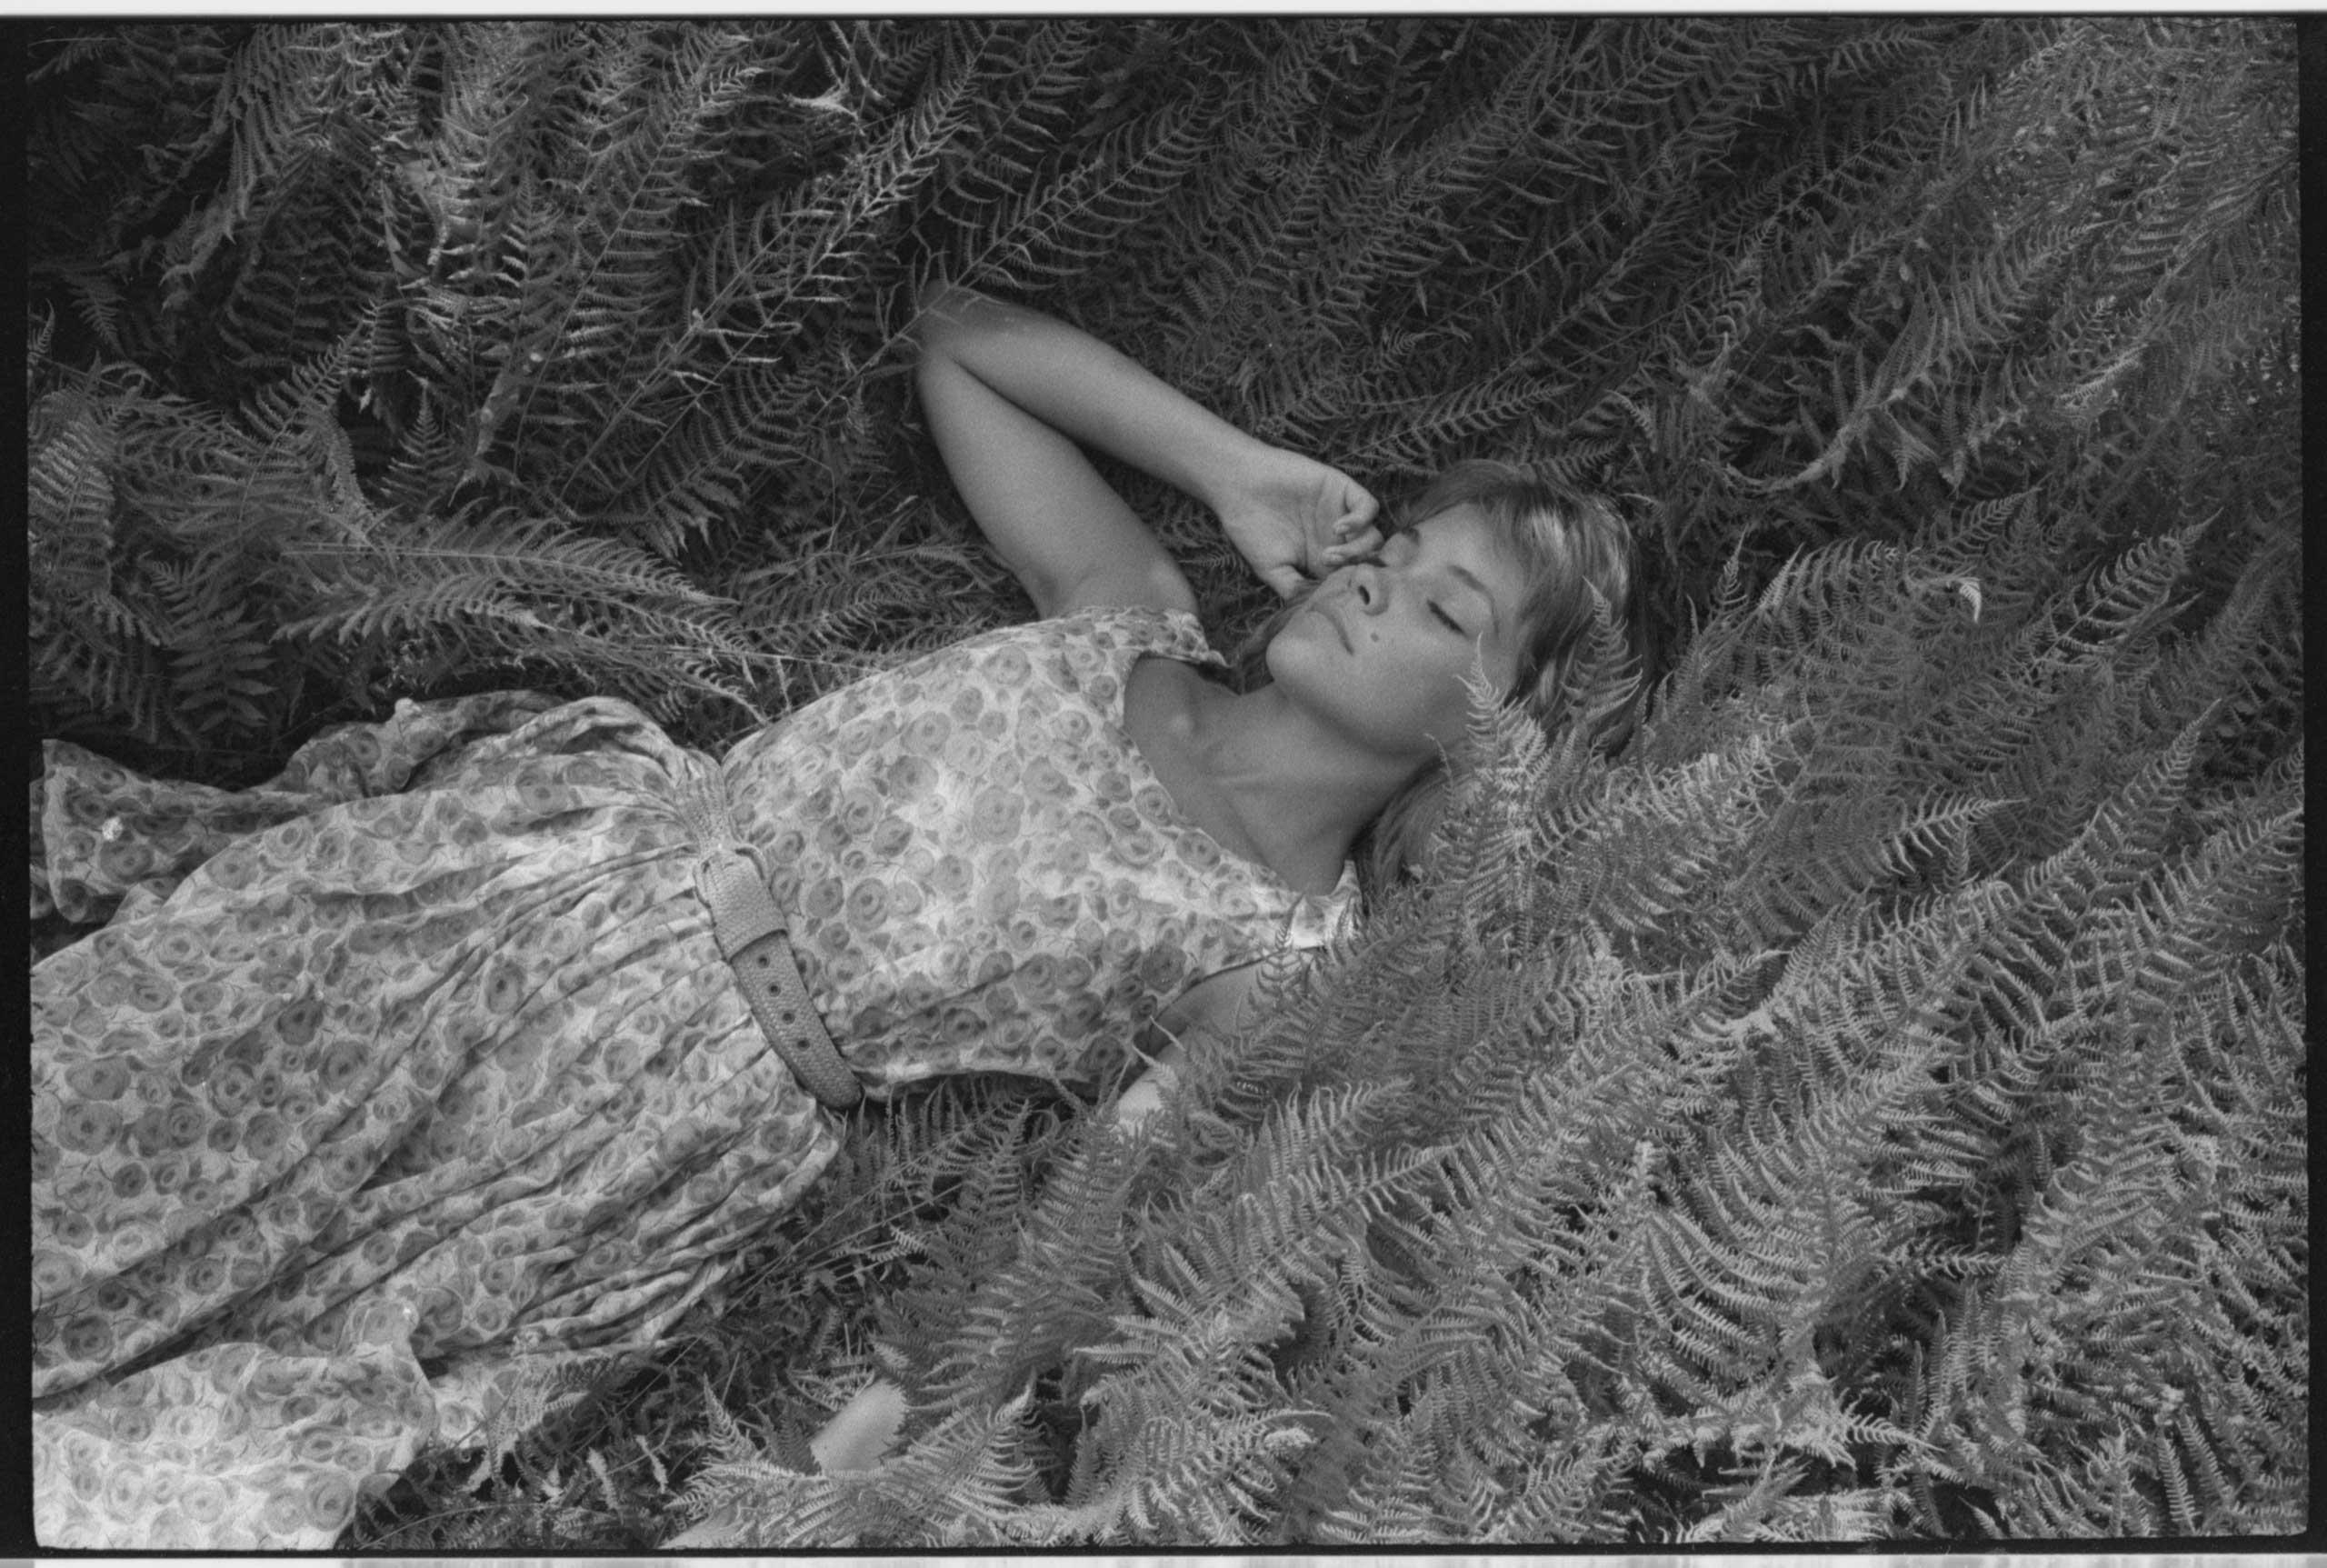 A fashion model lying on ferns on ground.